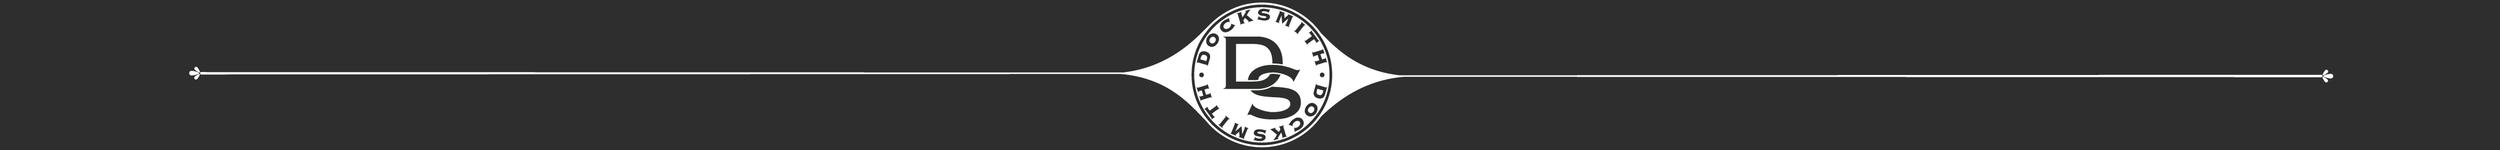 docksmith